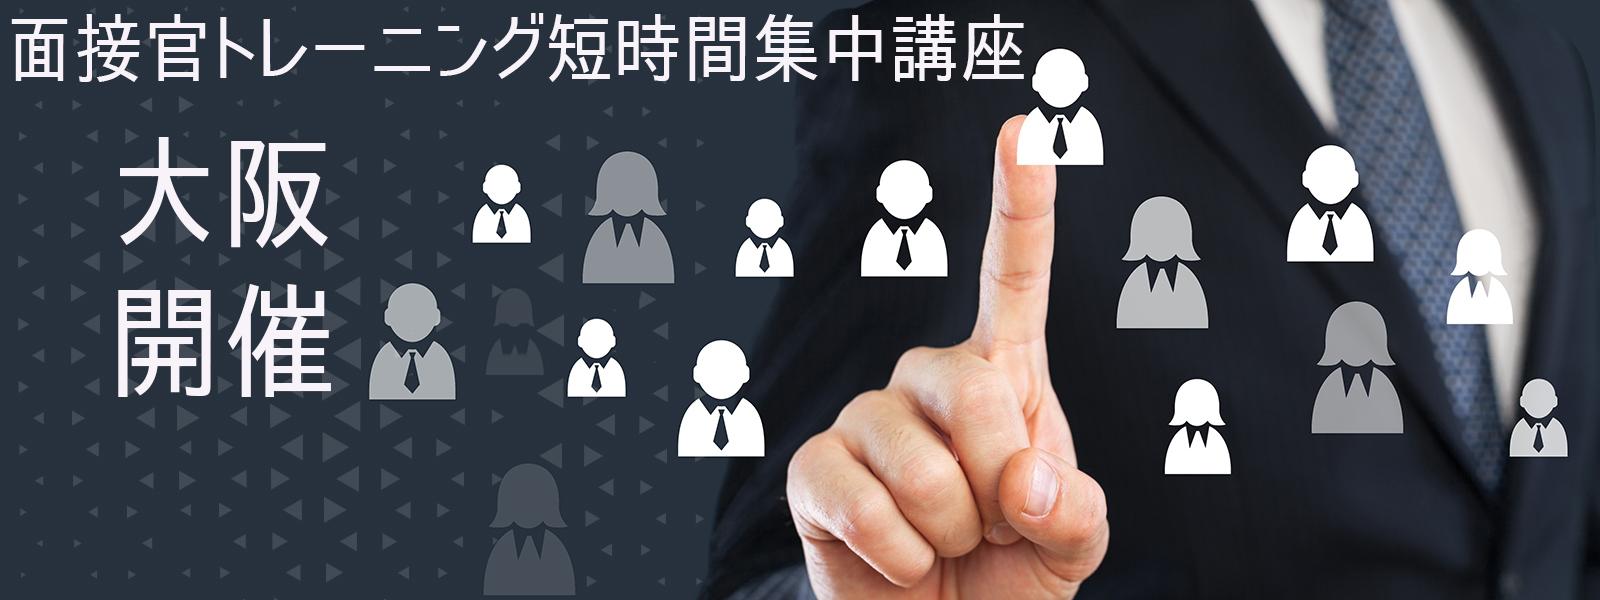 【大阪】面接官トレーニング 短時間集中講座